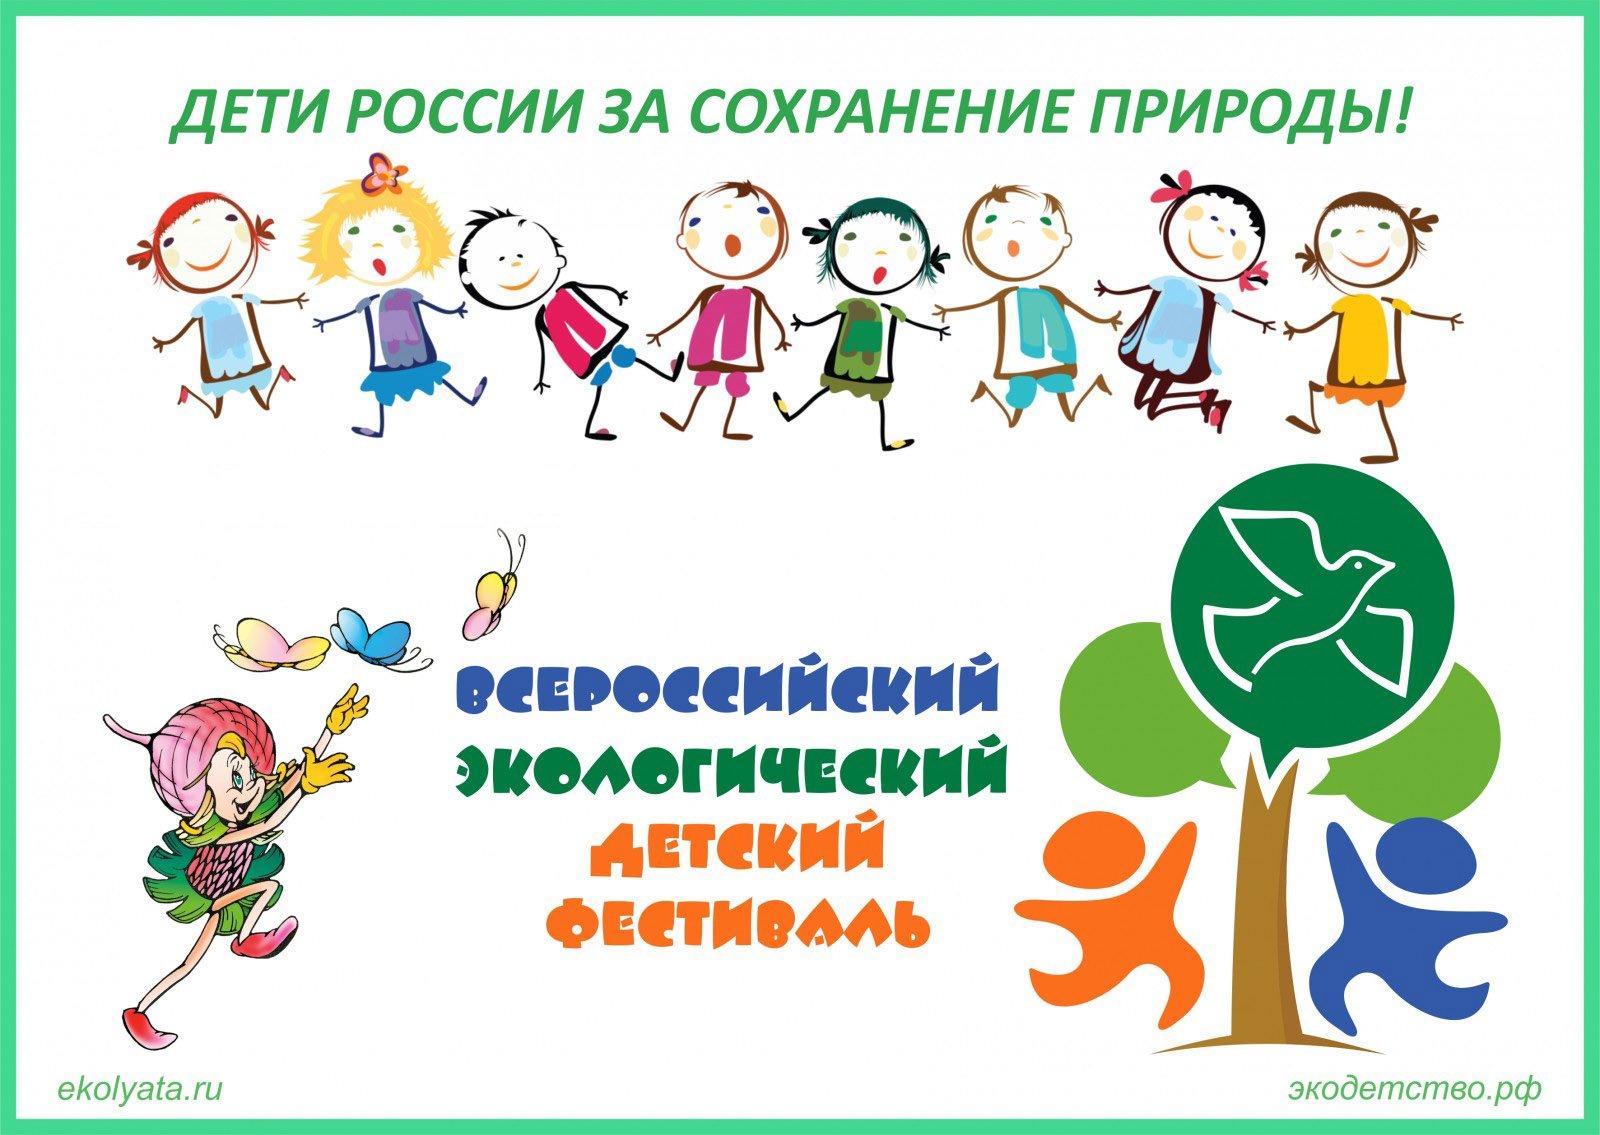 Сценарии экологических мероприятий для детей